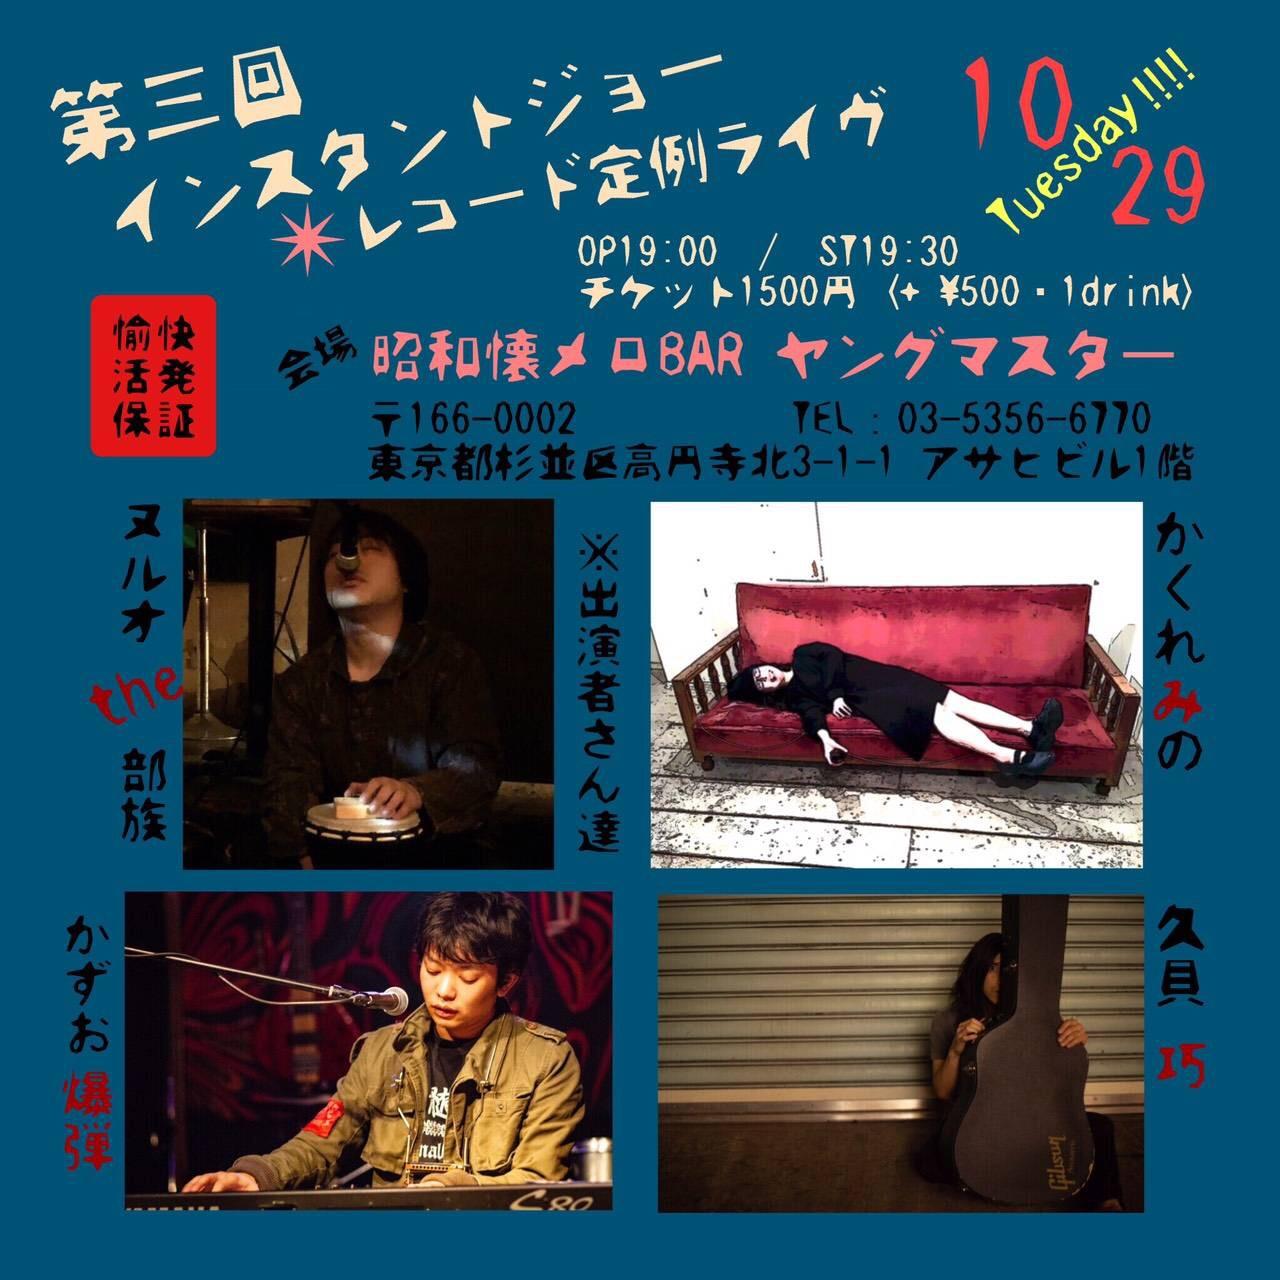 10/29(火)  第三回インスタントジョー✶レコード レーベルライブ OP19:00  /  ST19:30 チケット1500円 (+ \500 1drink)